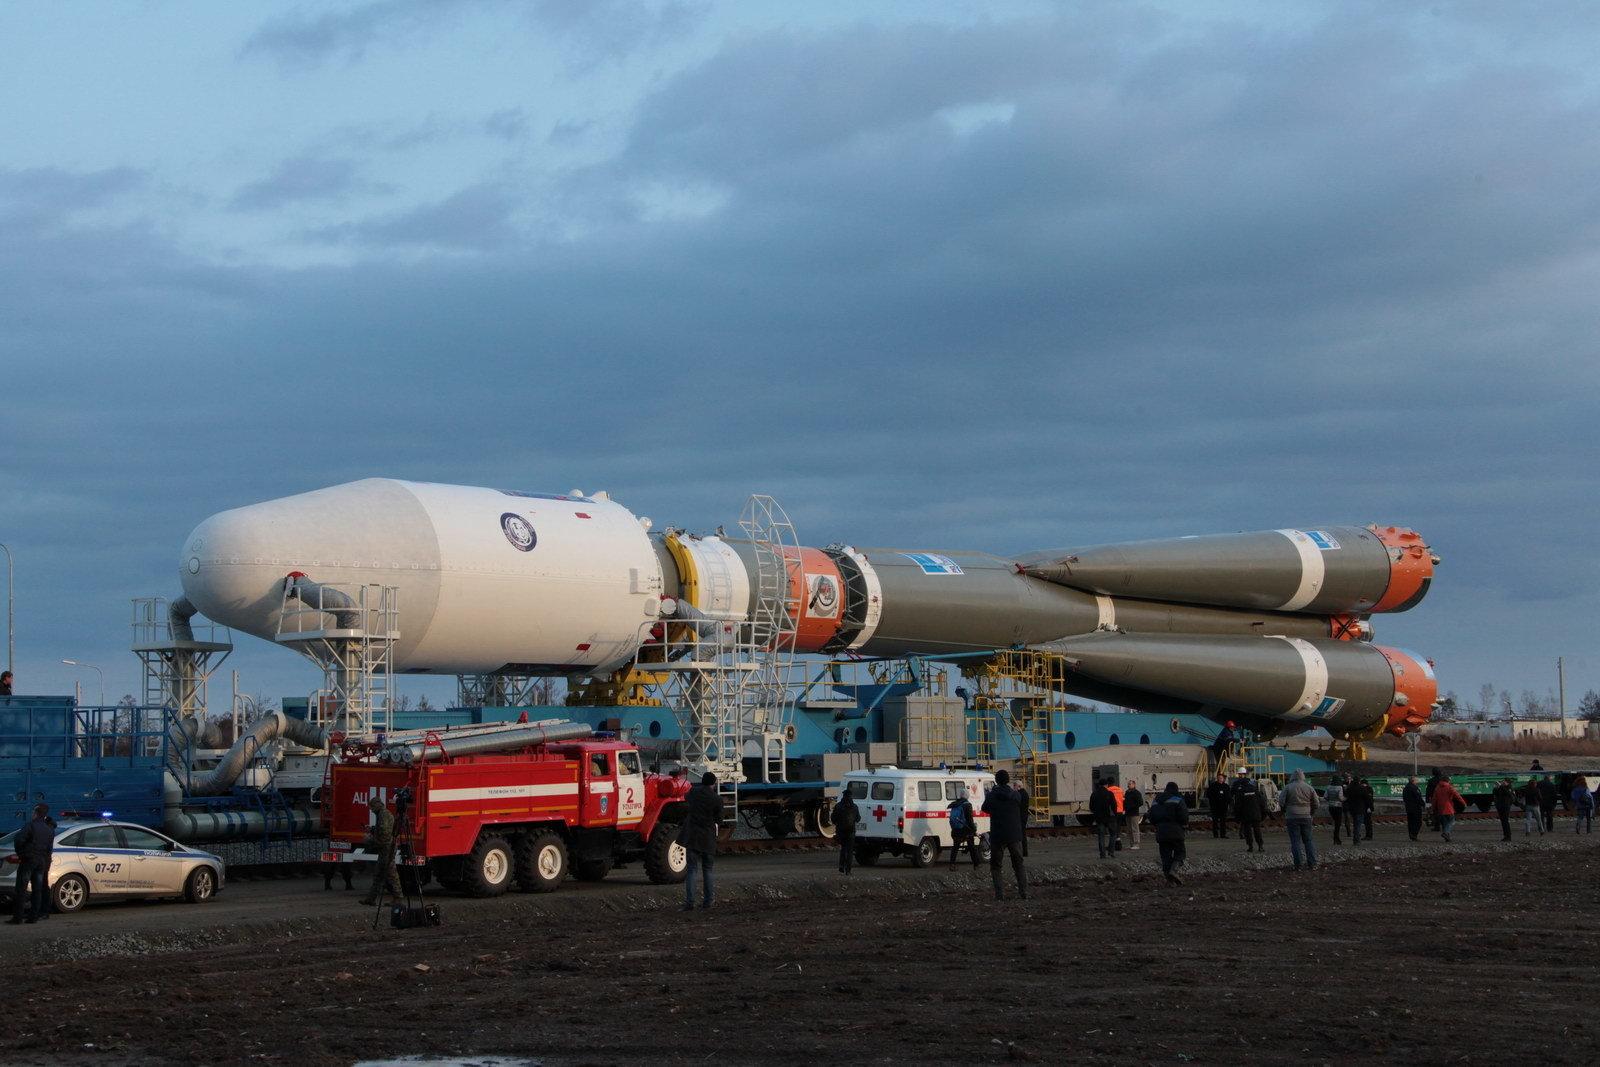 На космодроме Восточный установили ракету-носитель «Союз 2.1а» для первого запуска - 6